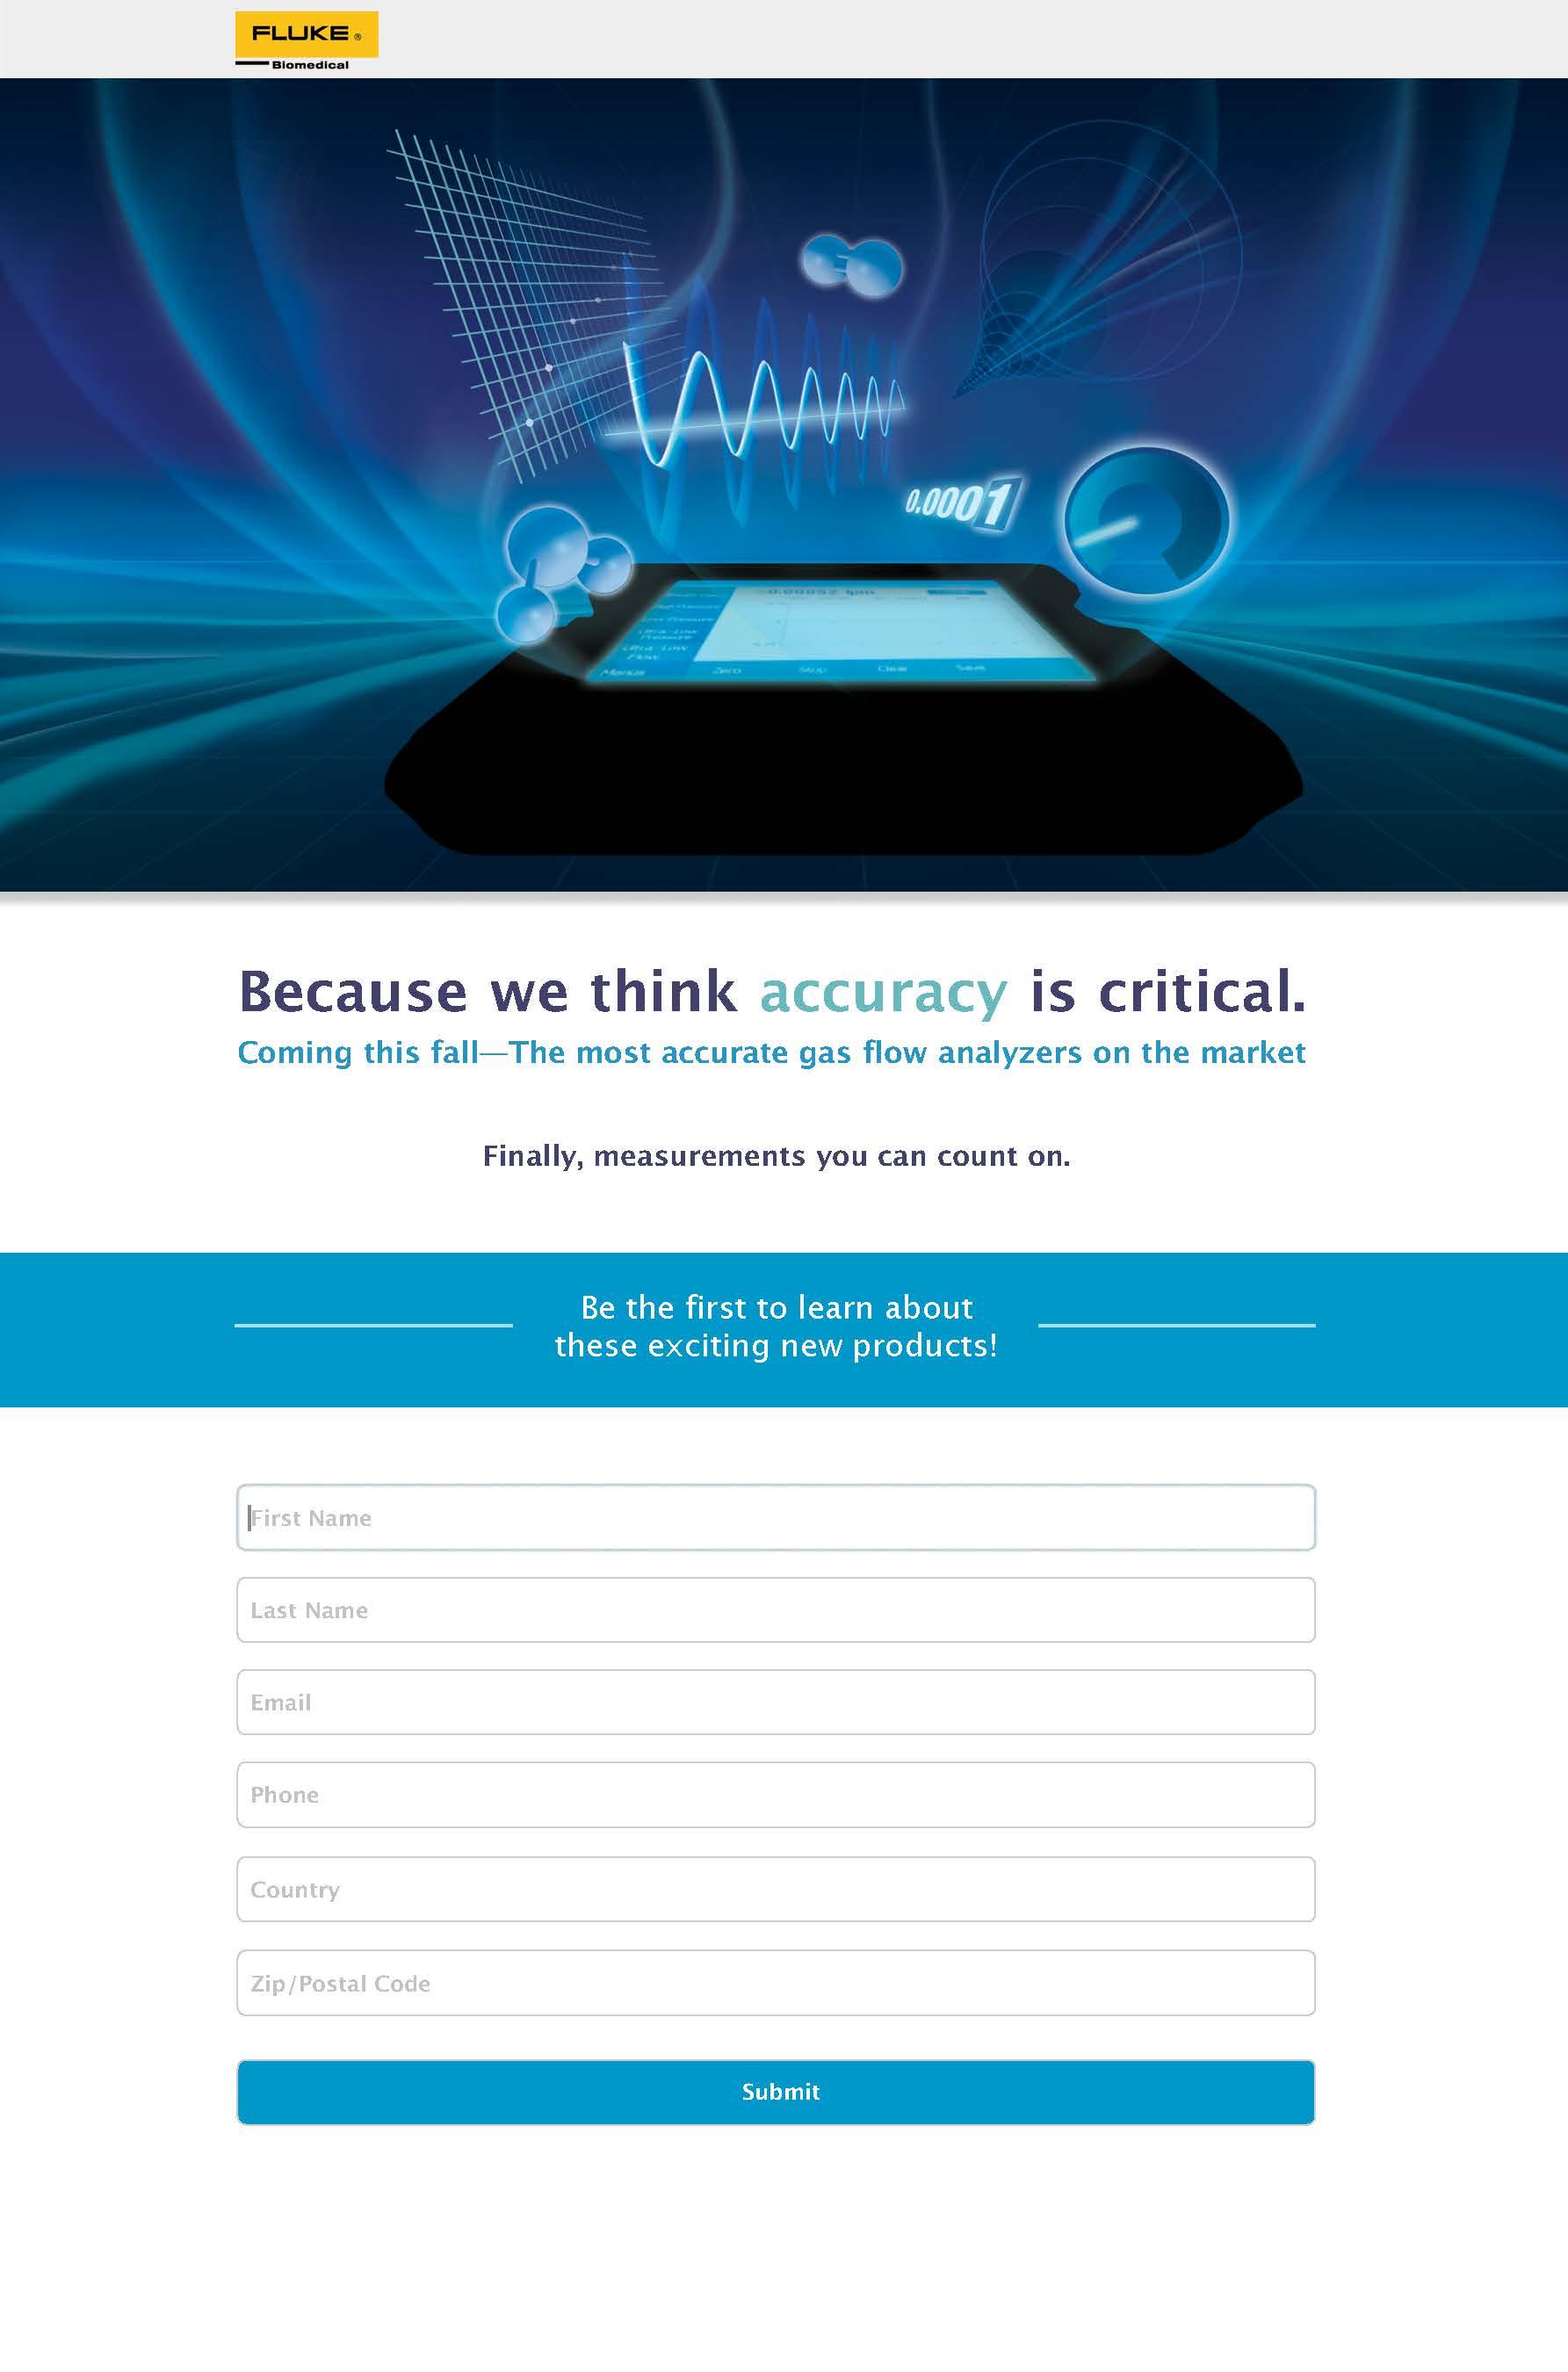 Fluke Biomedical New Product, VT650/VT900 Teaser Web Page